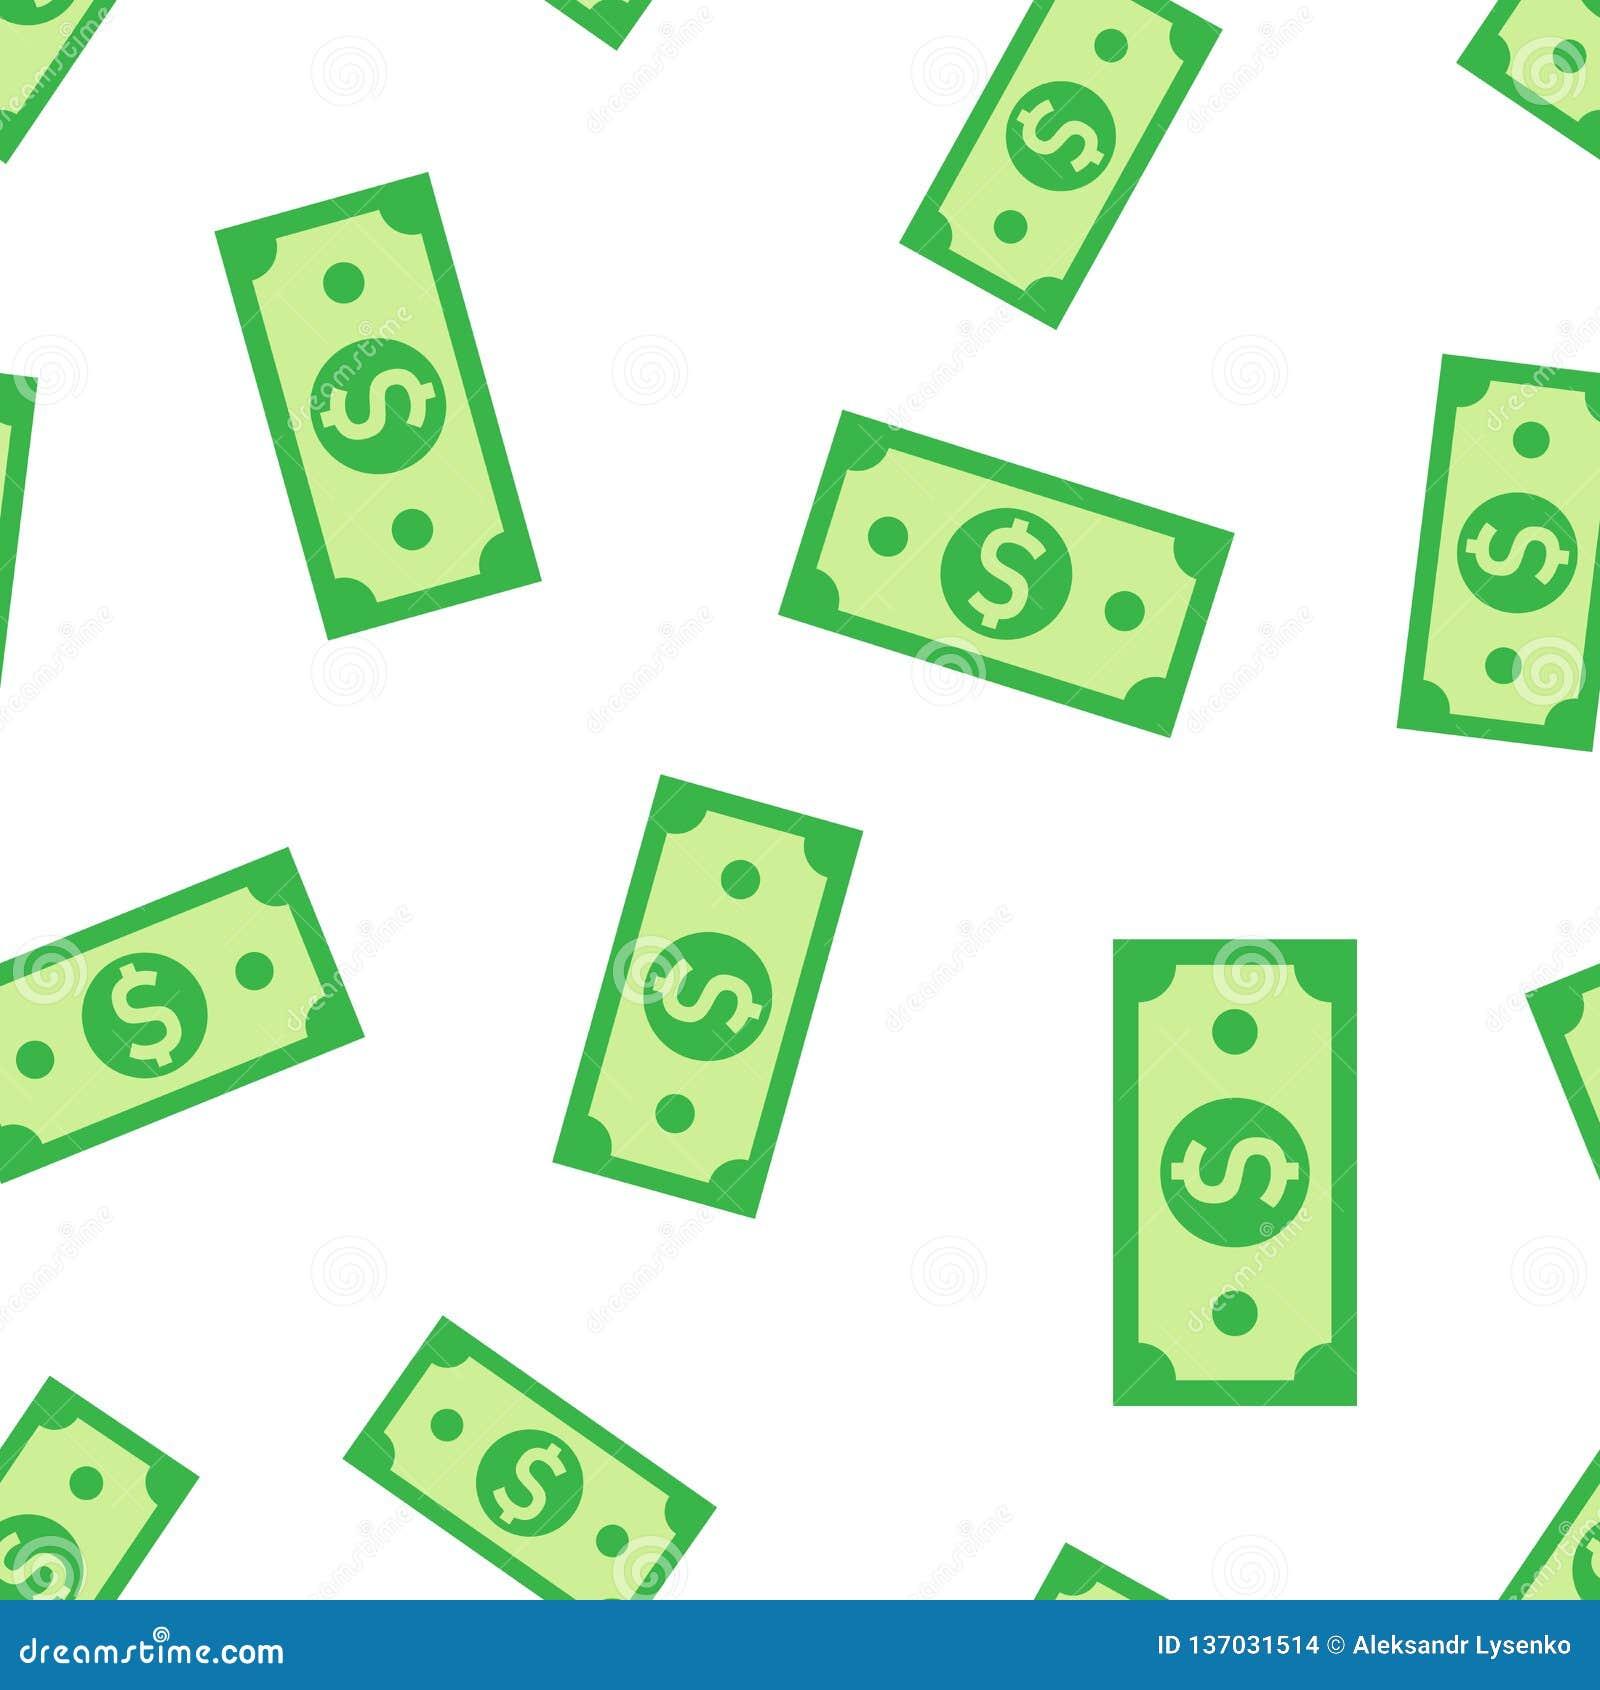 Άνευ ραφής υπόβαθρο σχεδίων εικονιδίων τραπεζογραμματίων νομίσματος δολαρίων Διανυσματική απεικόνιση μετρητών δολαρίων Σχέδιο συμ